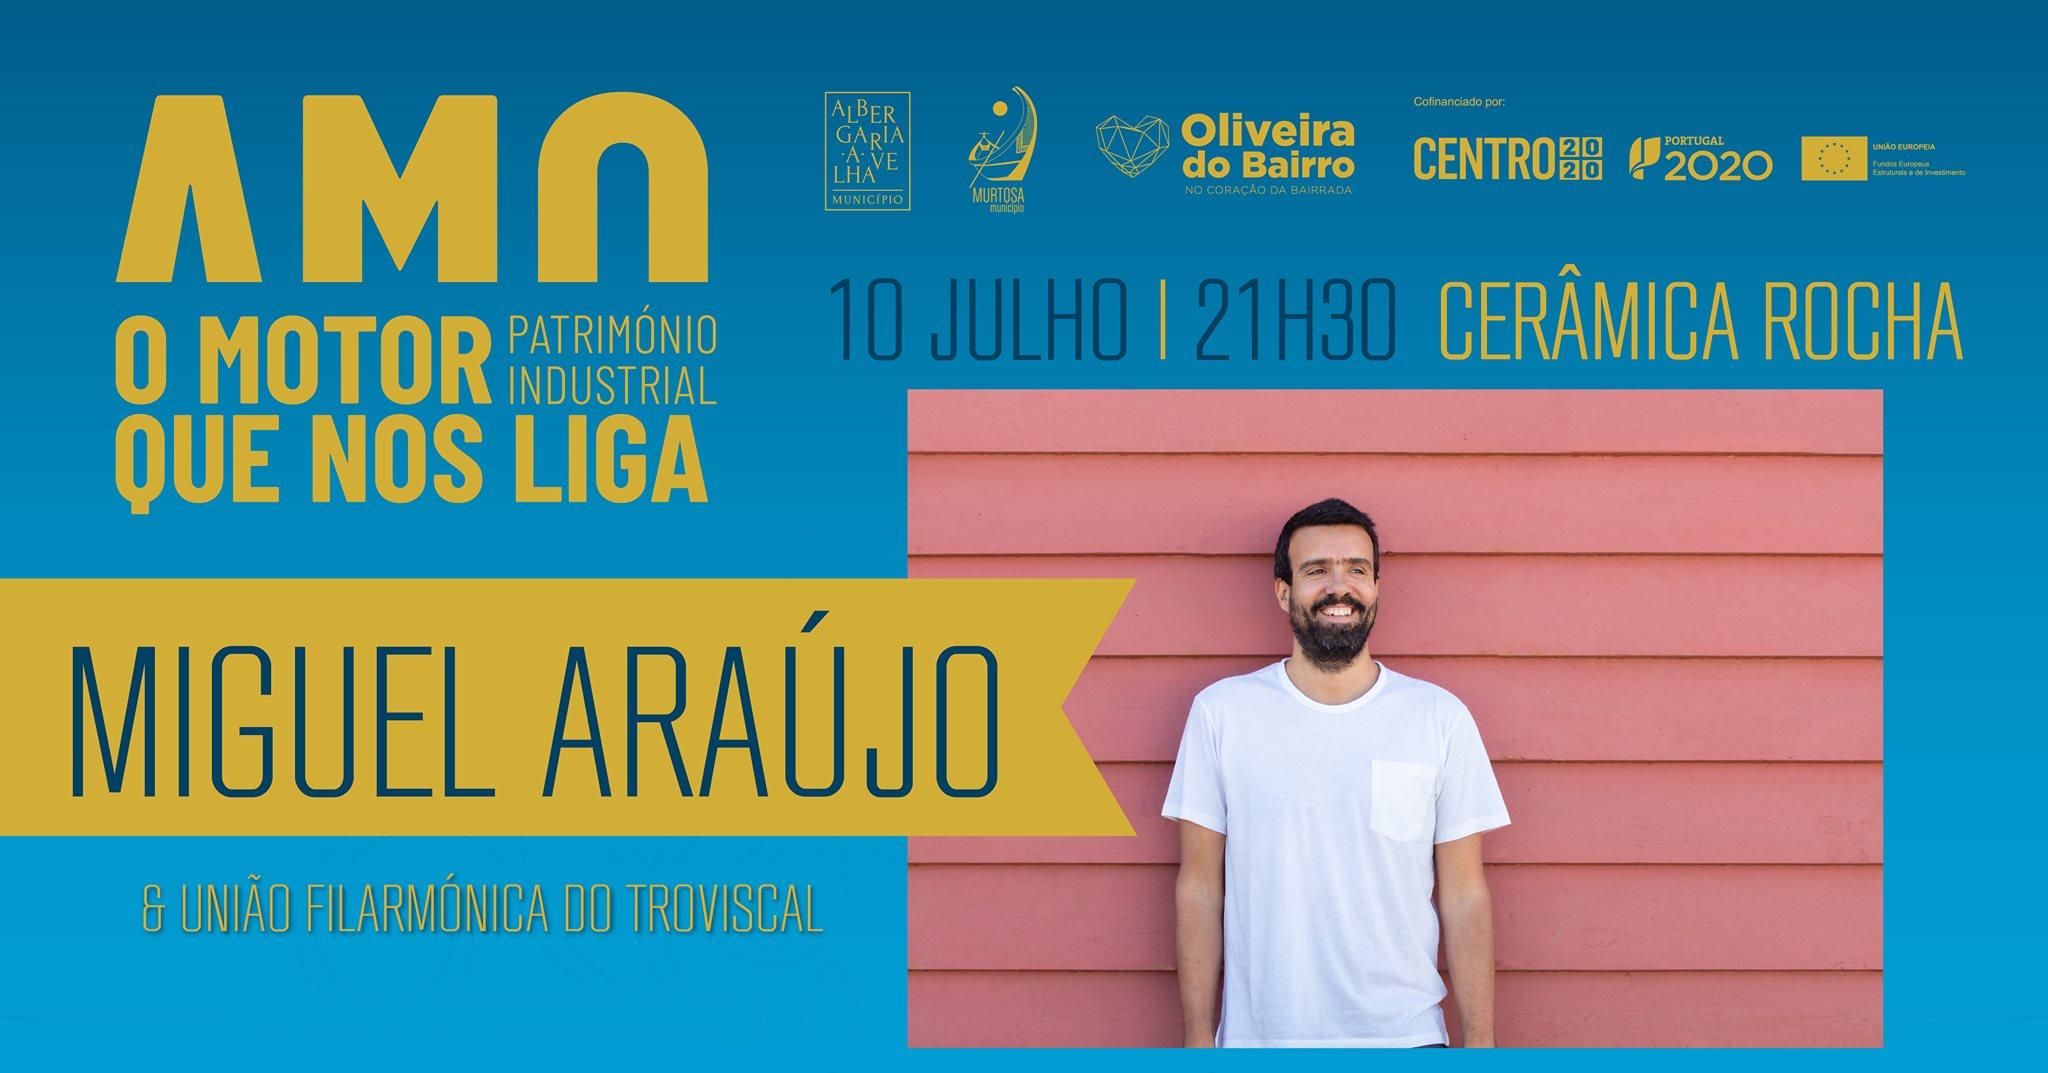 Miguel Araújo com Banda Filarmónica do Troviscal / Cerâmica Rocha   AMO